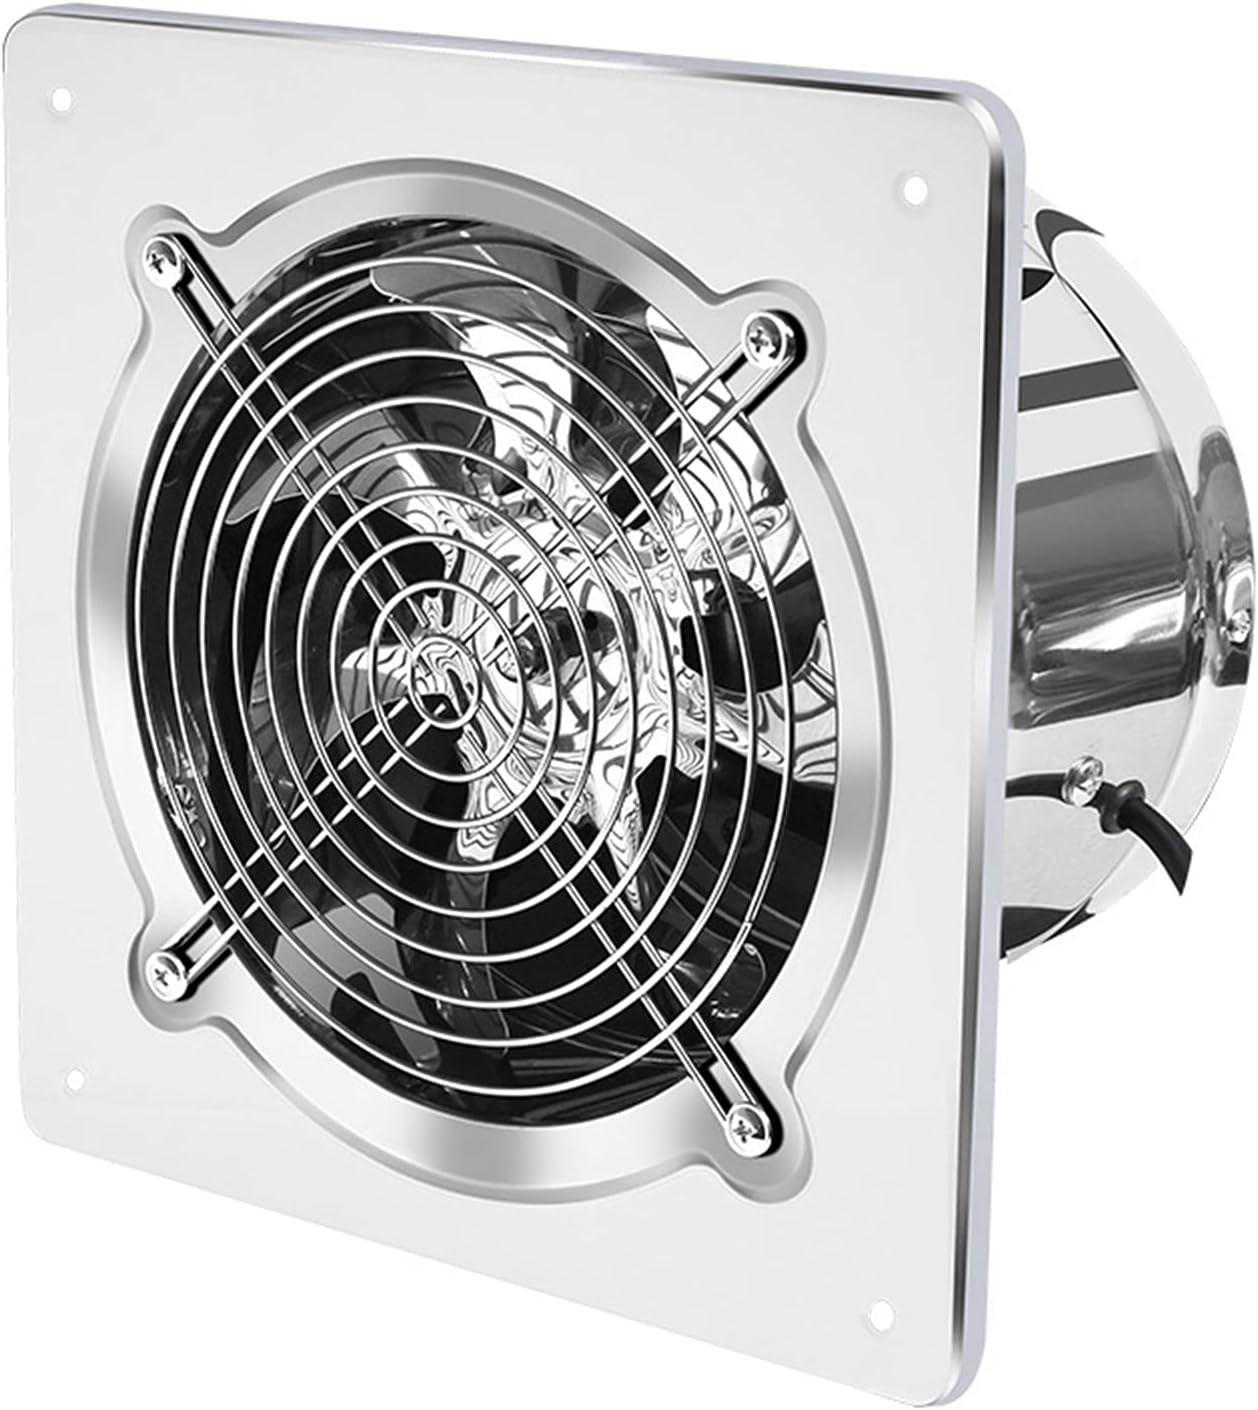 Ventilador Extractor 6''7''8 '' Booster extractor de humos Extintor Tubo de la ventilación del ventilador de baño WC Cocina pared de la ventana del acero inoxidable de ventilación del conducto del ven